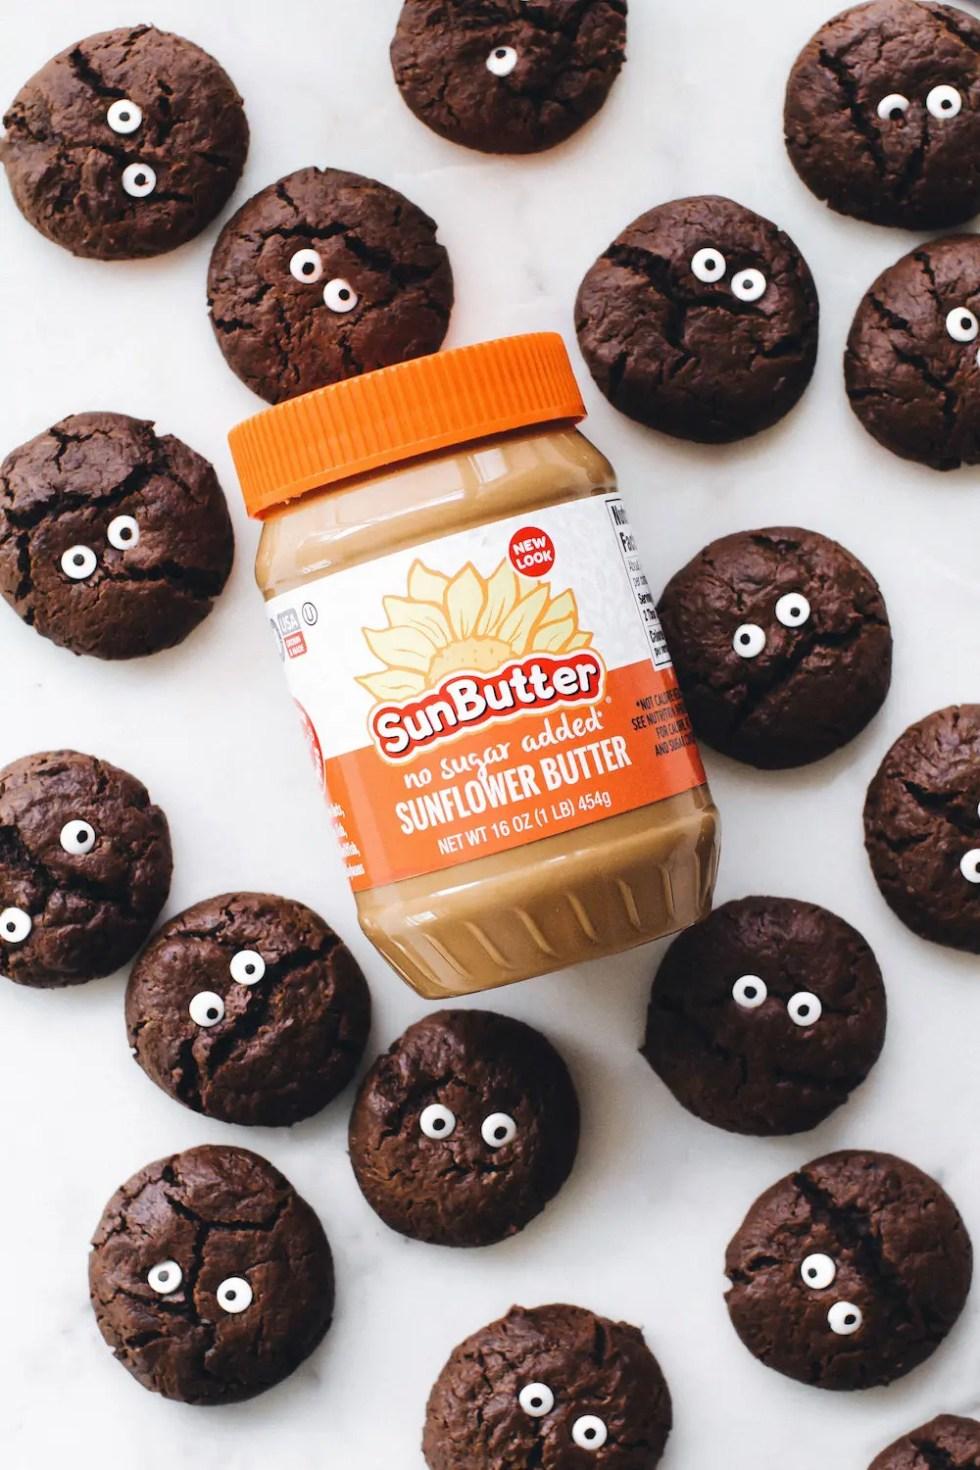 SunButter Chocolate Pumpkin Sandwich Cookies